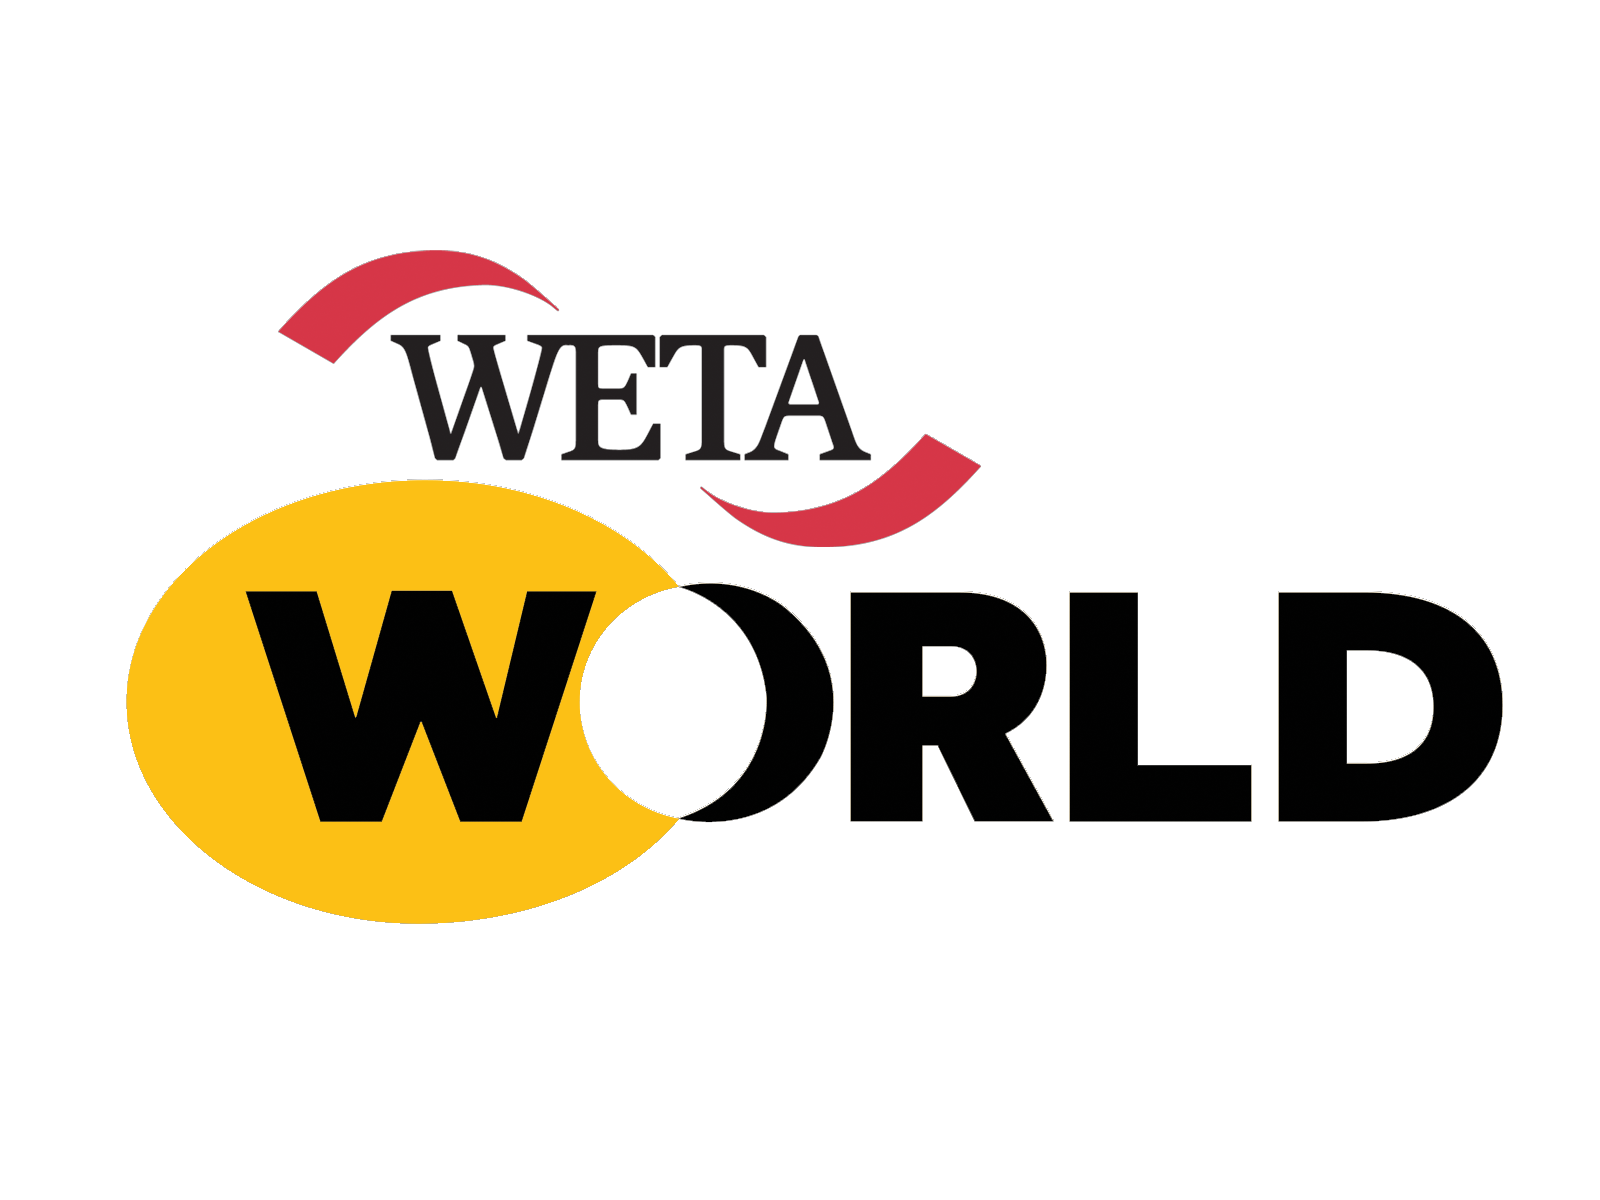 WETA World